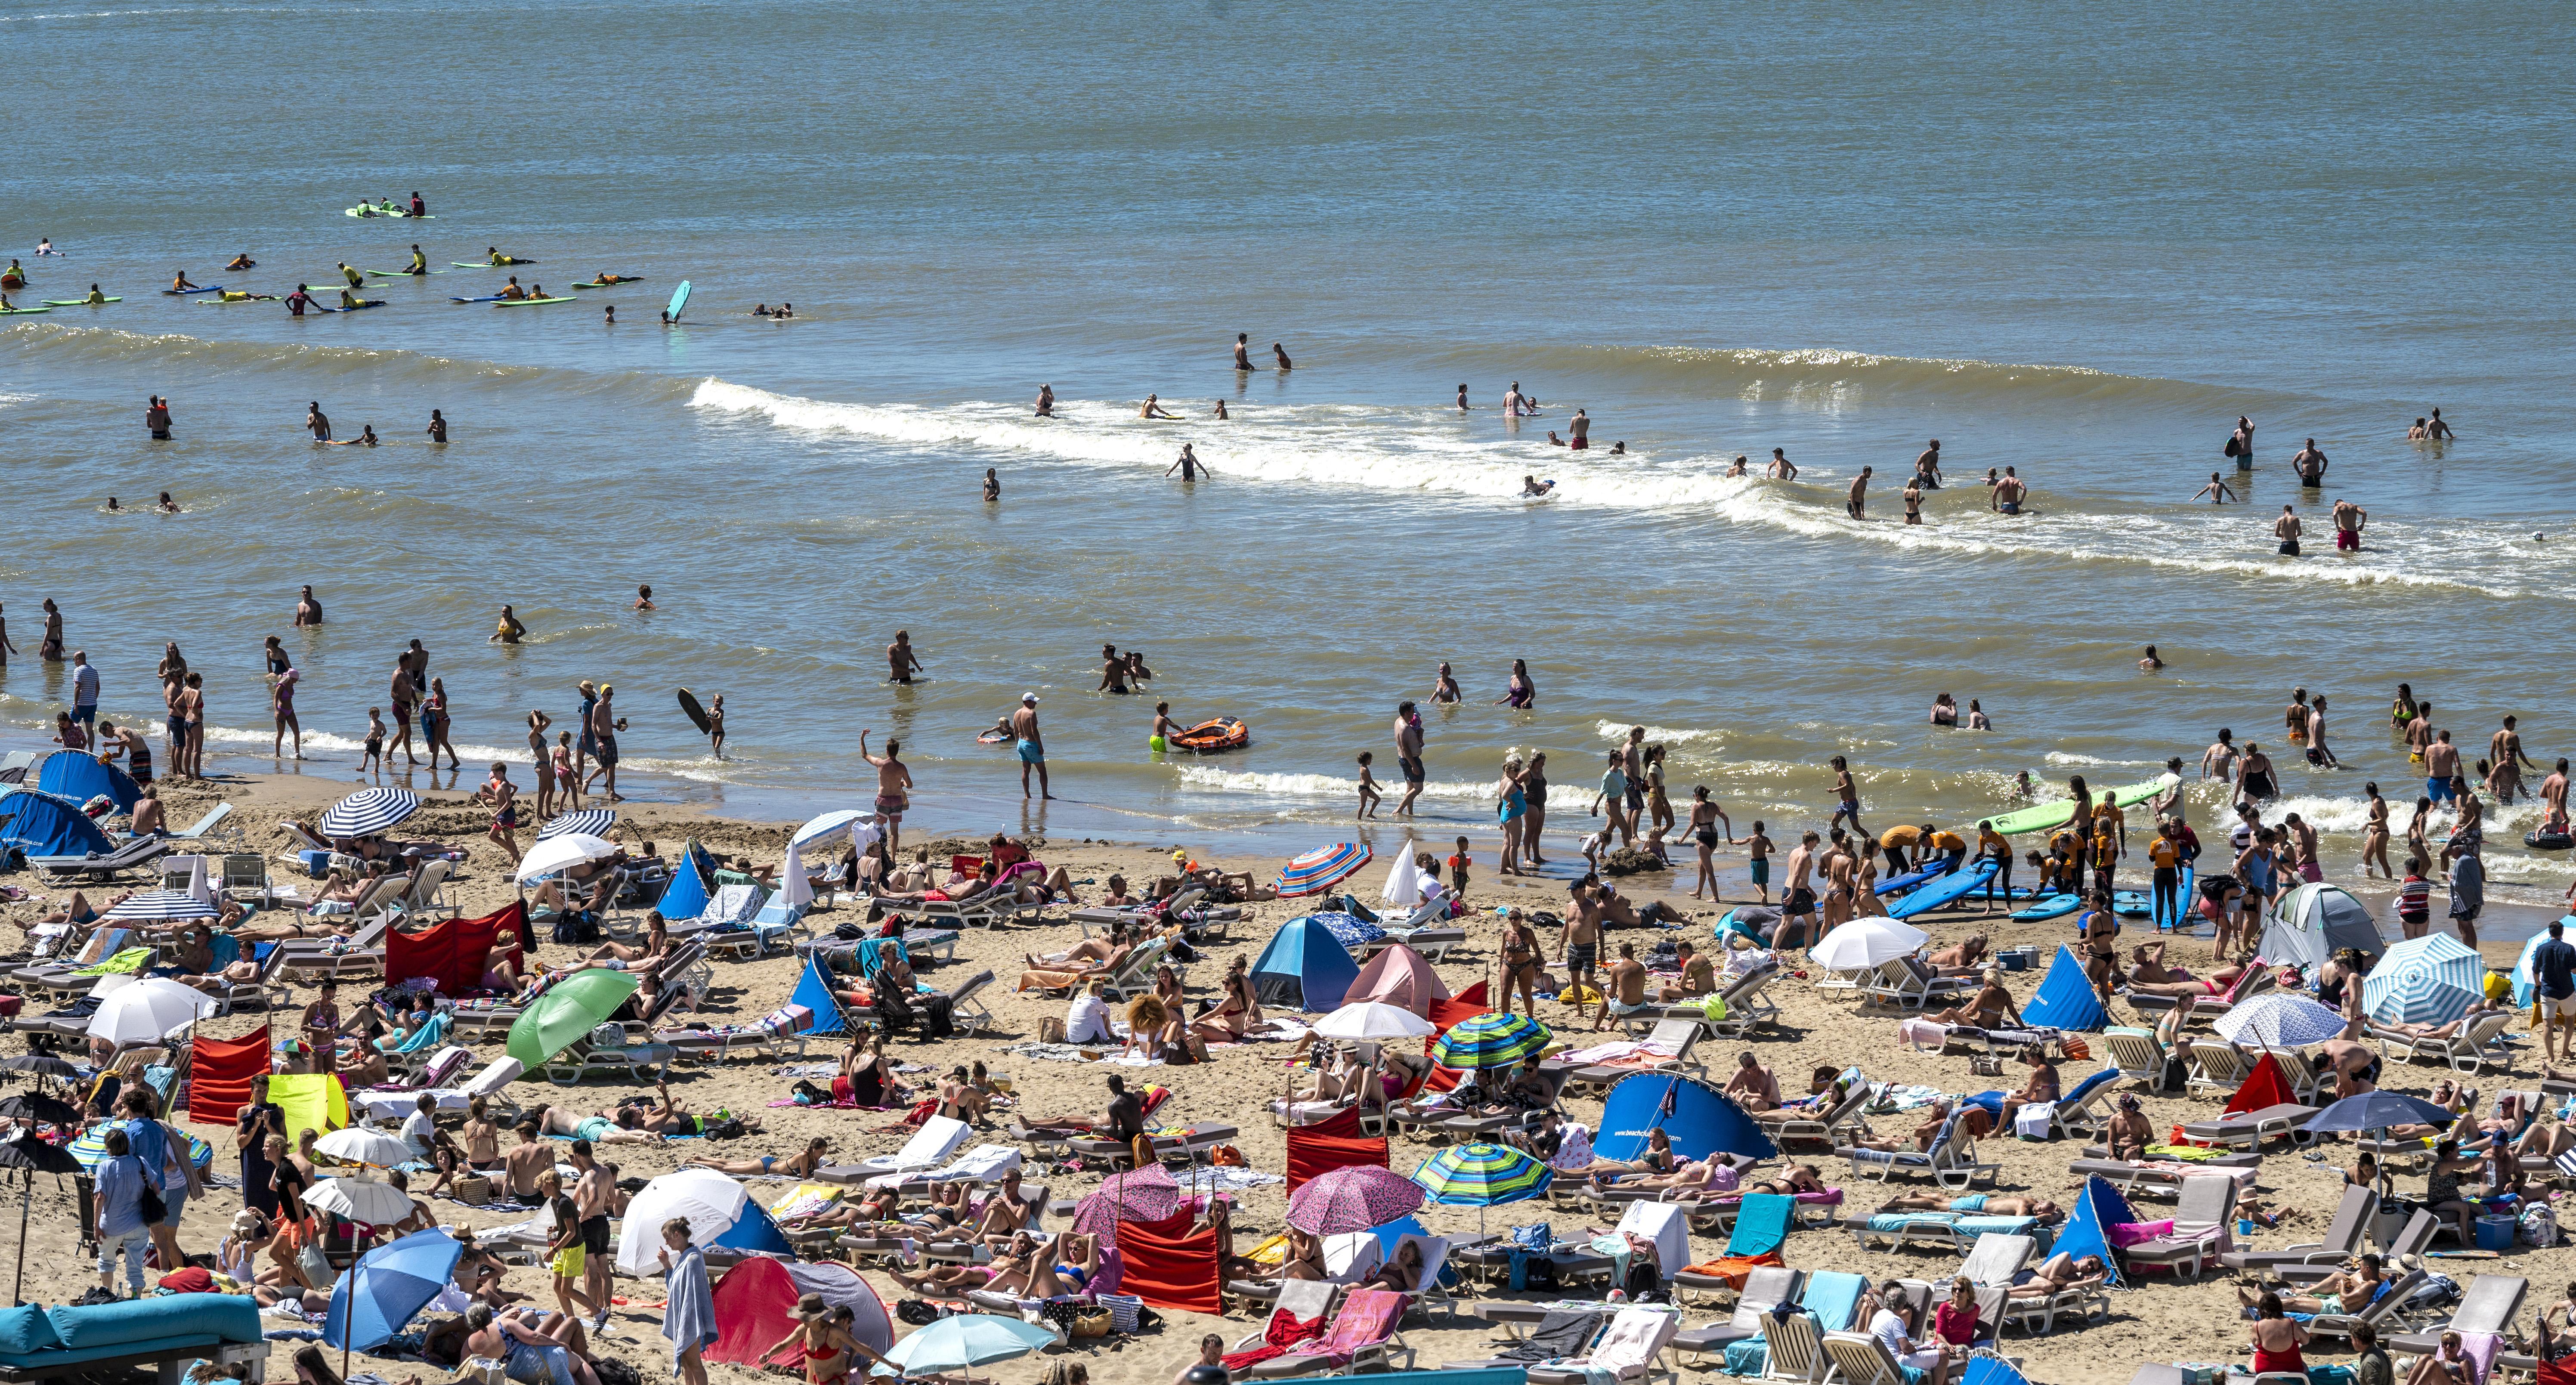 Bloemendaal is overlast op strand zat, noodverordening moet hinderlijk gedrag jongeren tegengaan